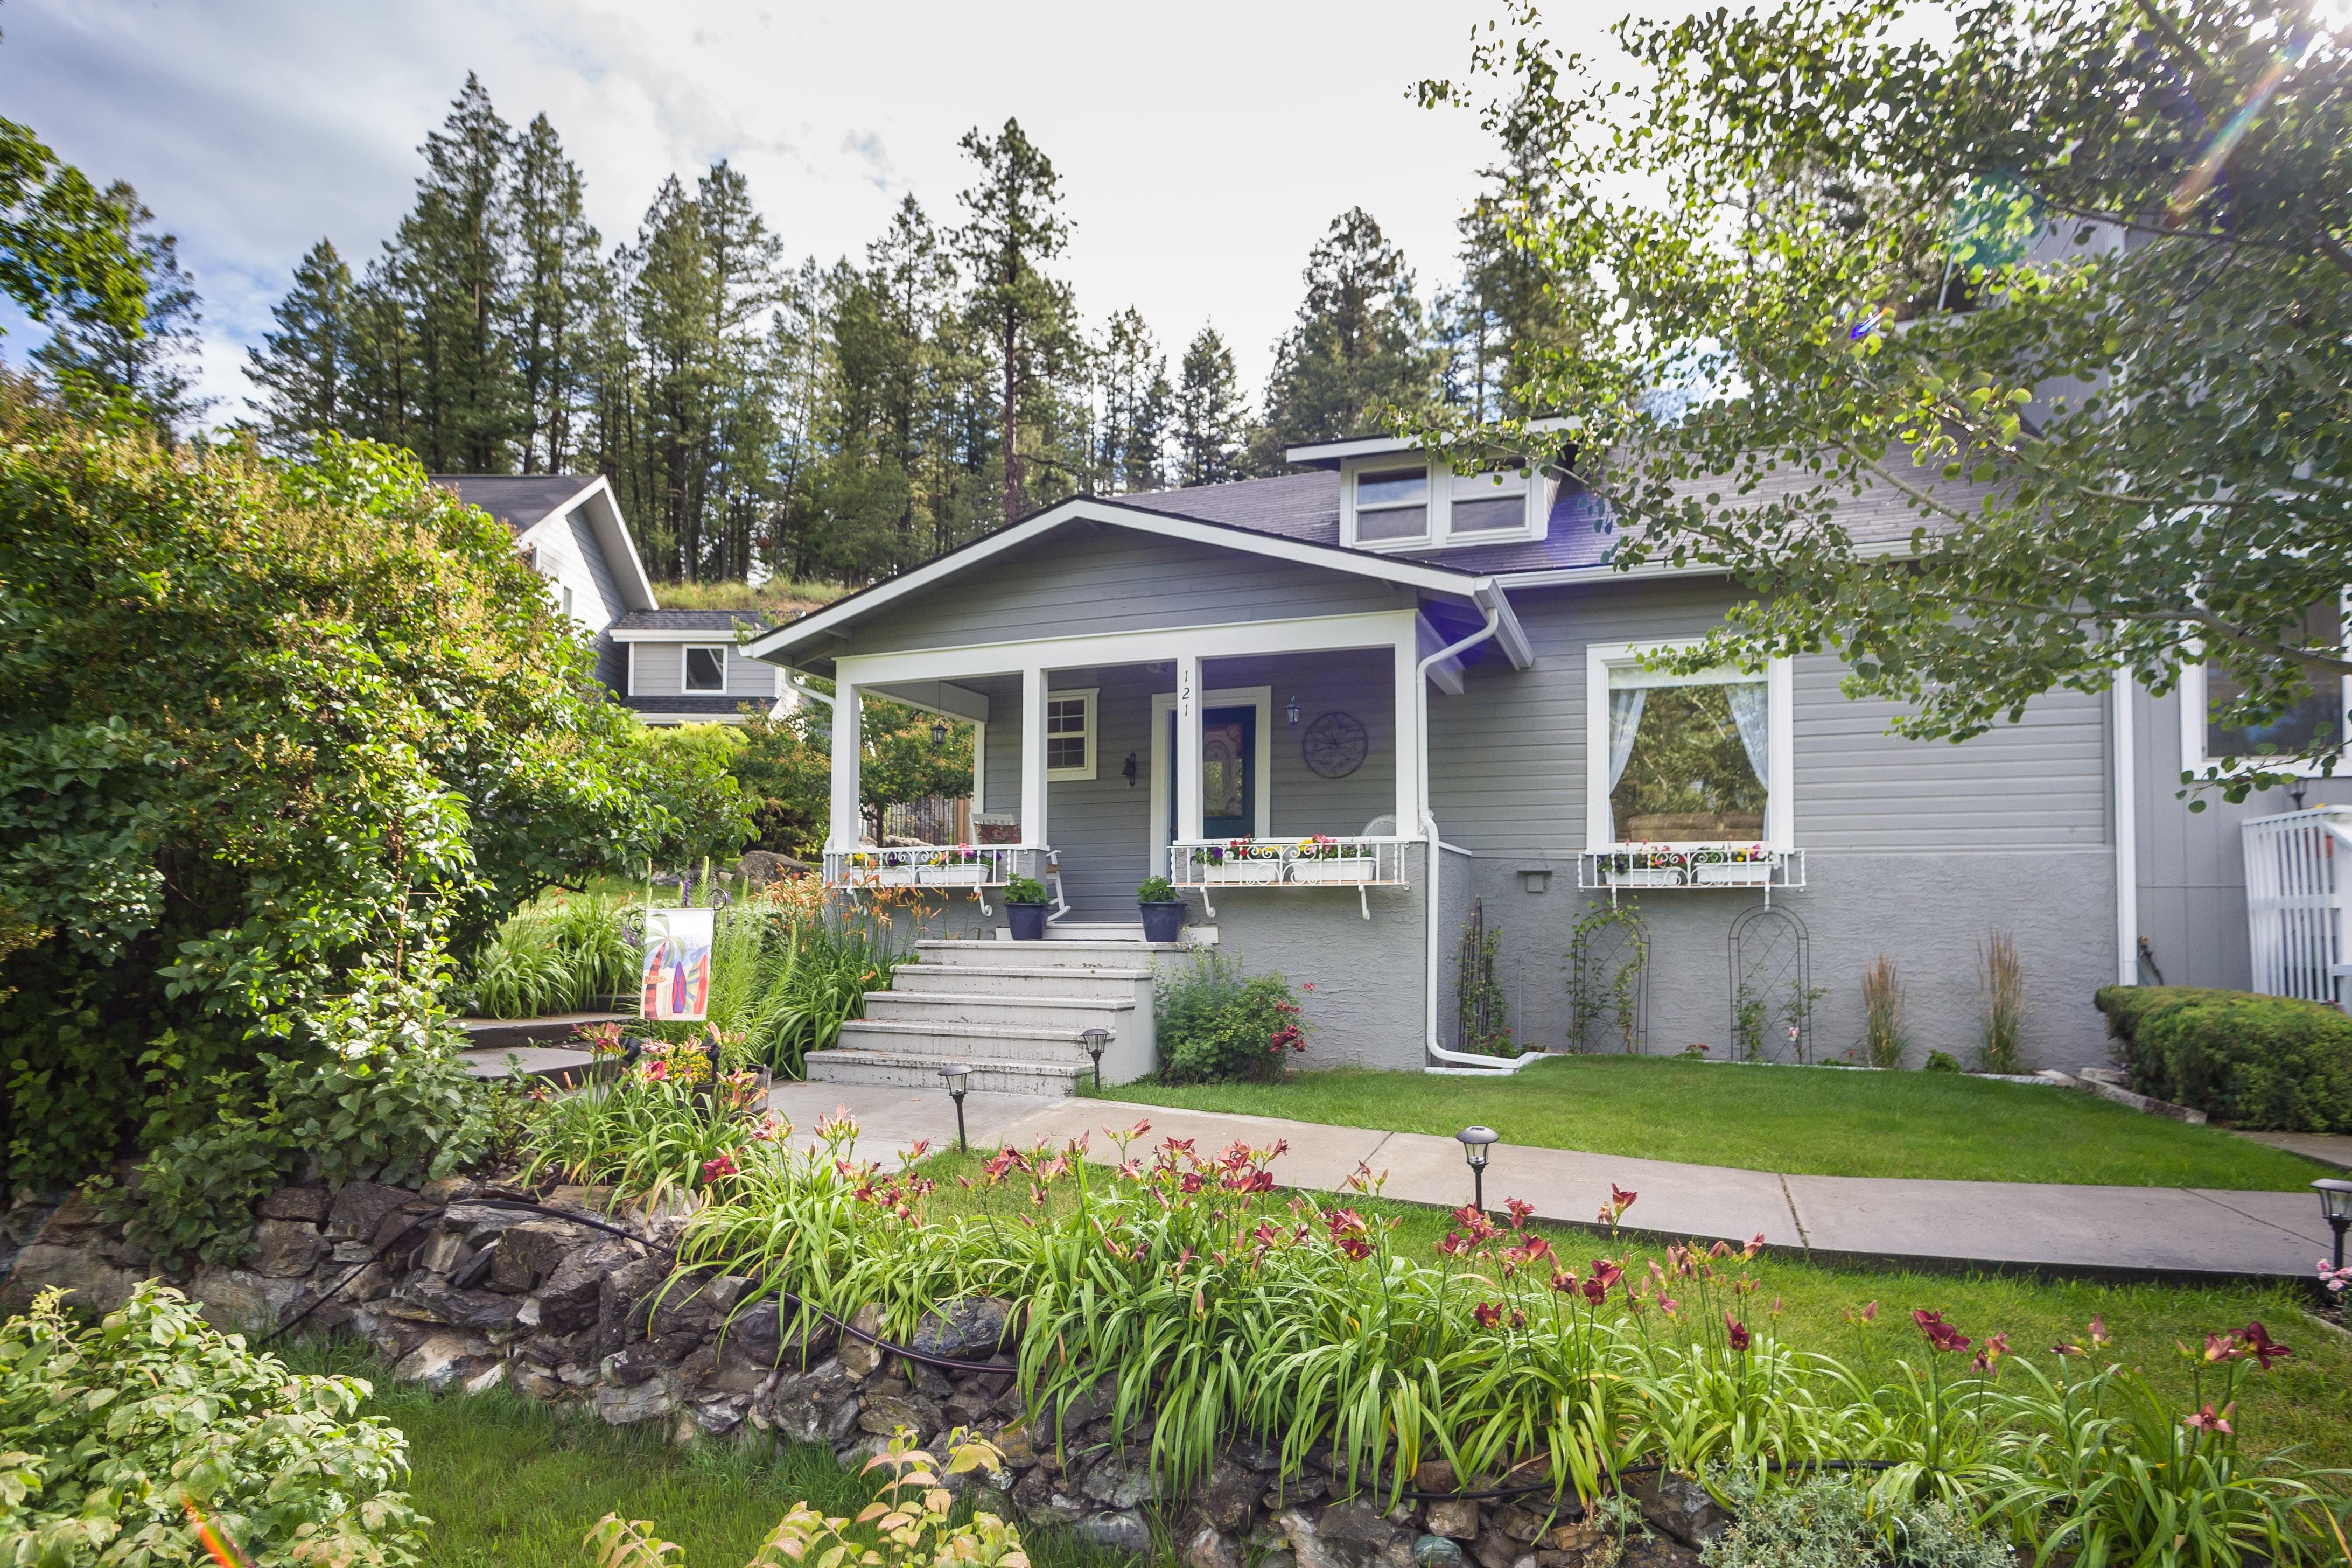 Casa Unifamiliar por un Venta en 121 & 135 Boon Road, Somers, MT 59932 121 & 135 Boon Rd Somers, Montana, 59932 Estados Unidos